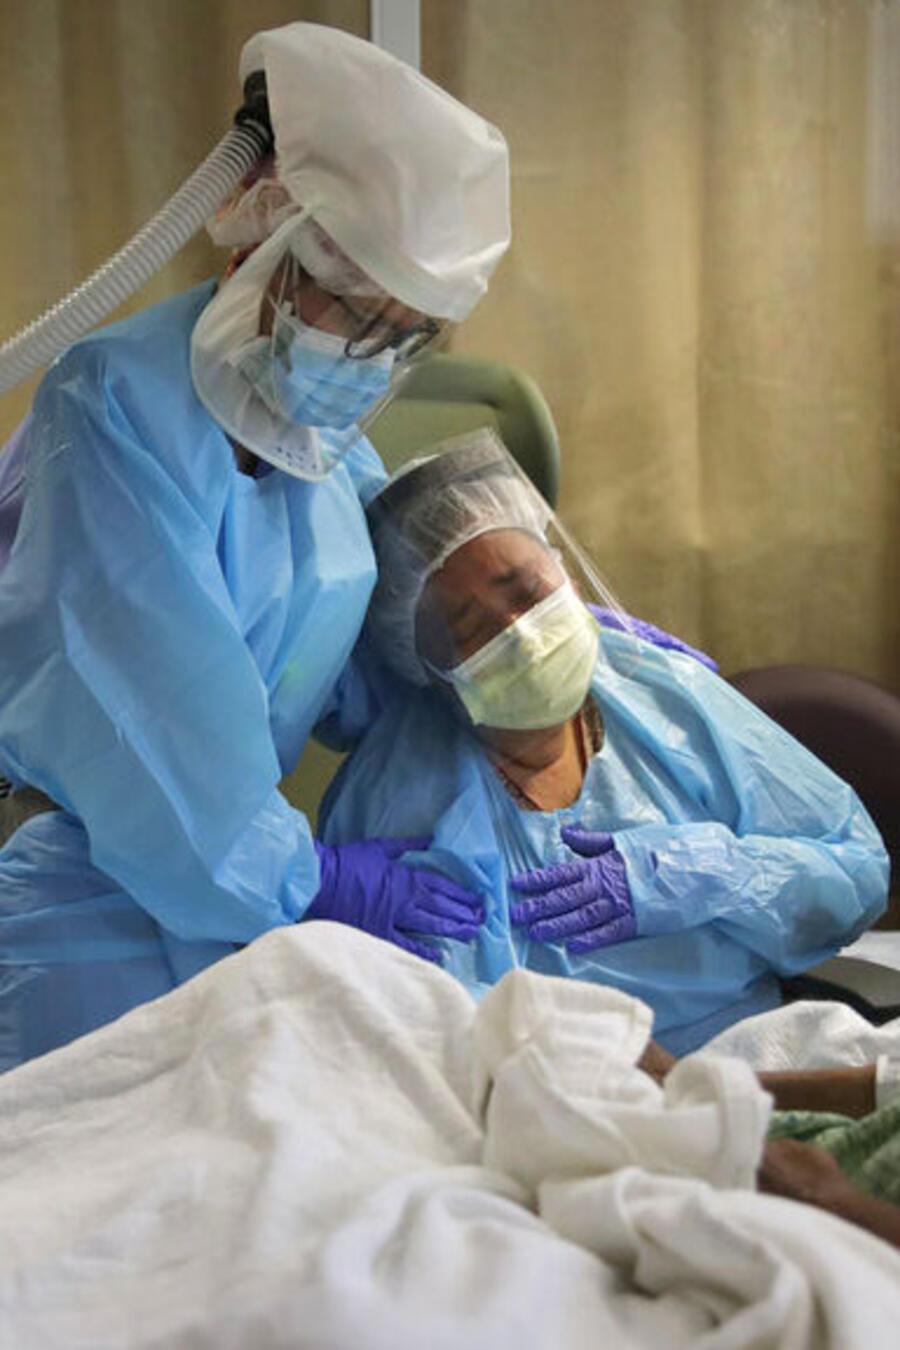 Una enfermera reconforta al familiar de un paciente que ha fallecido a causa del coronavirus en un hospital en California (Archivo).